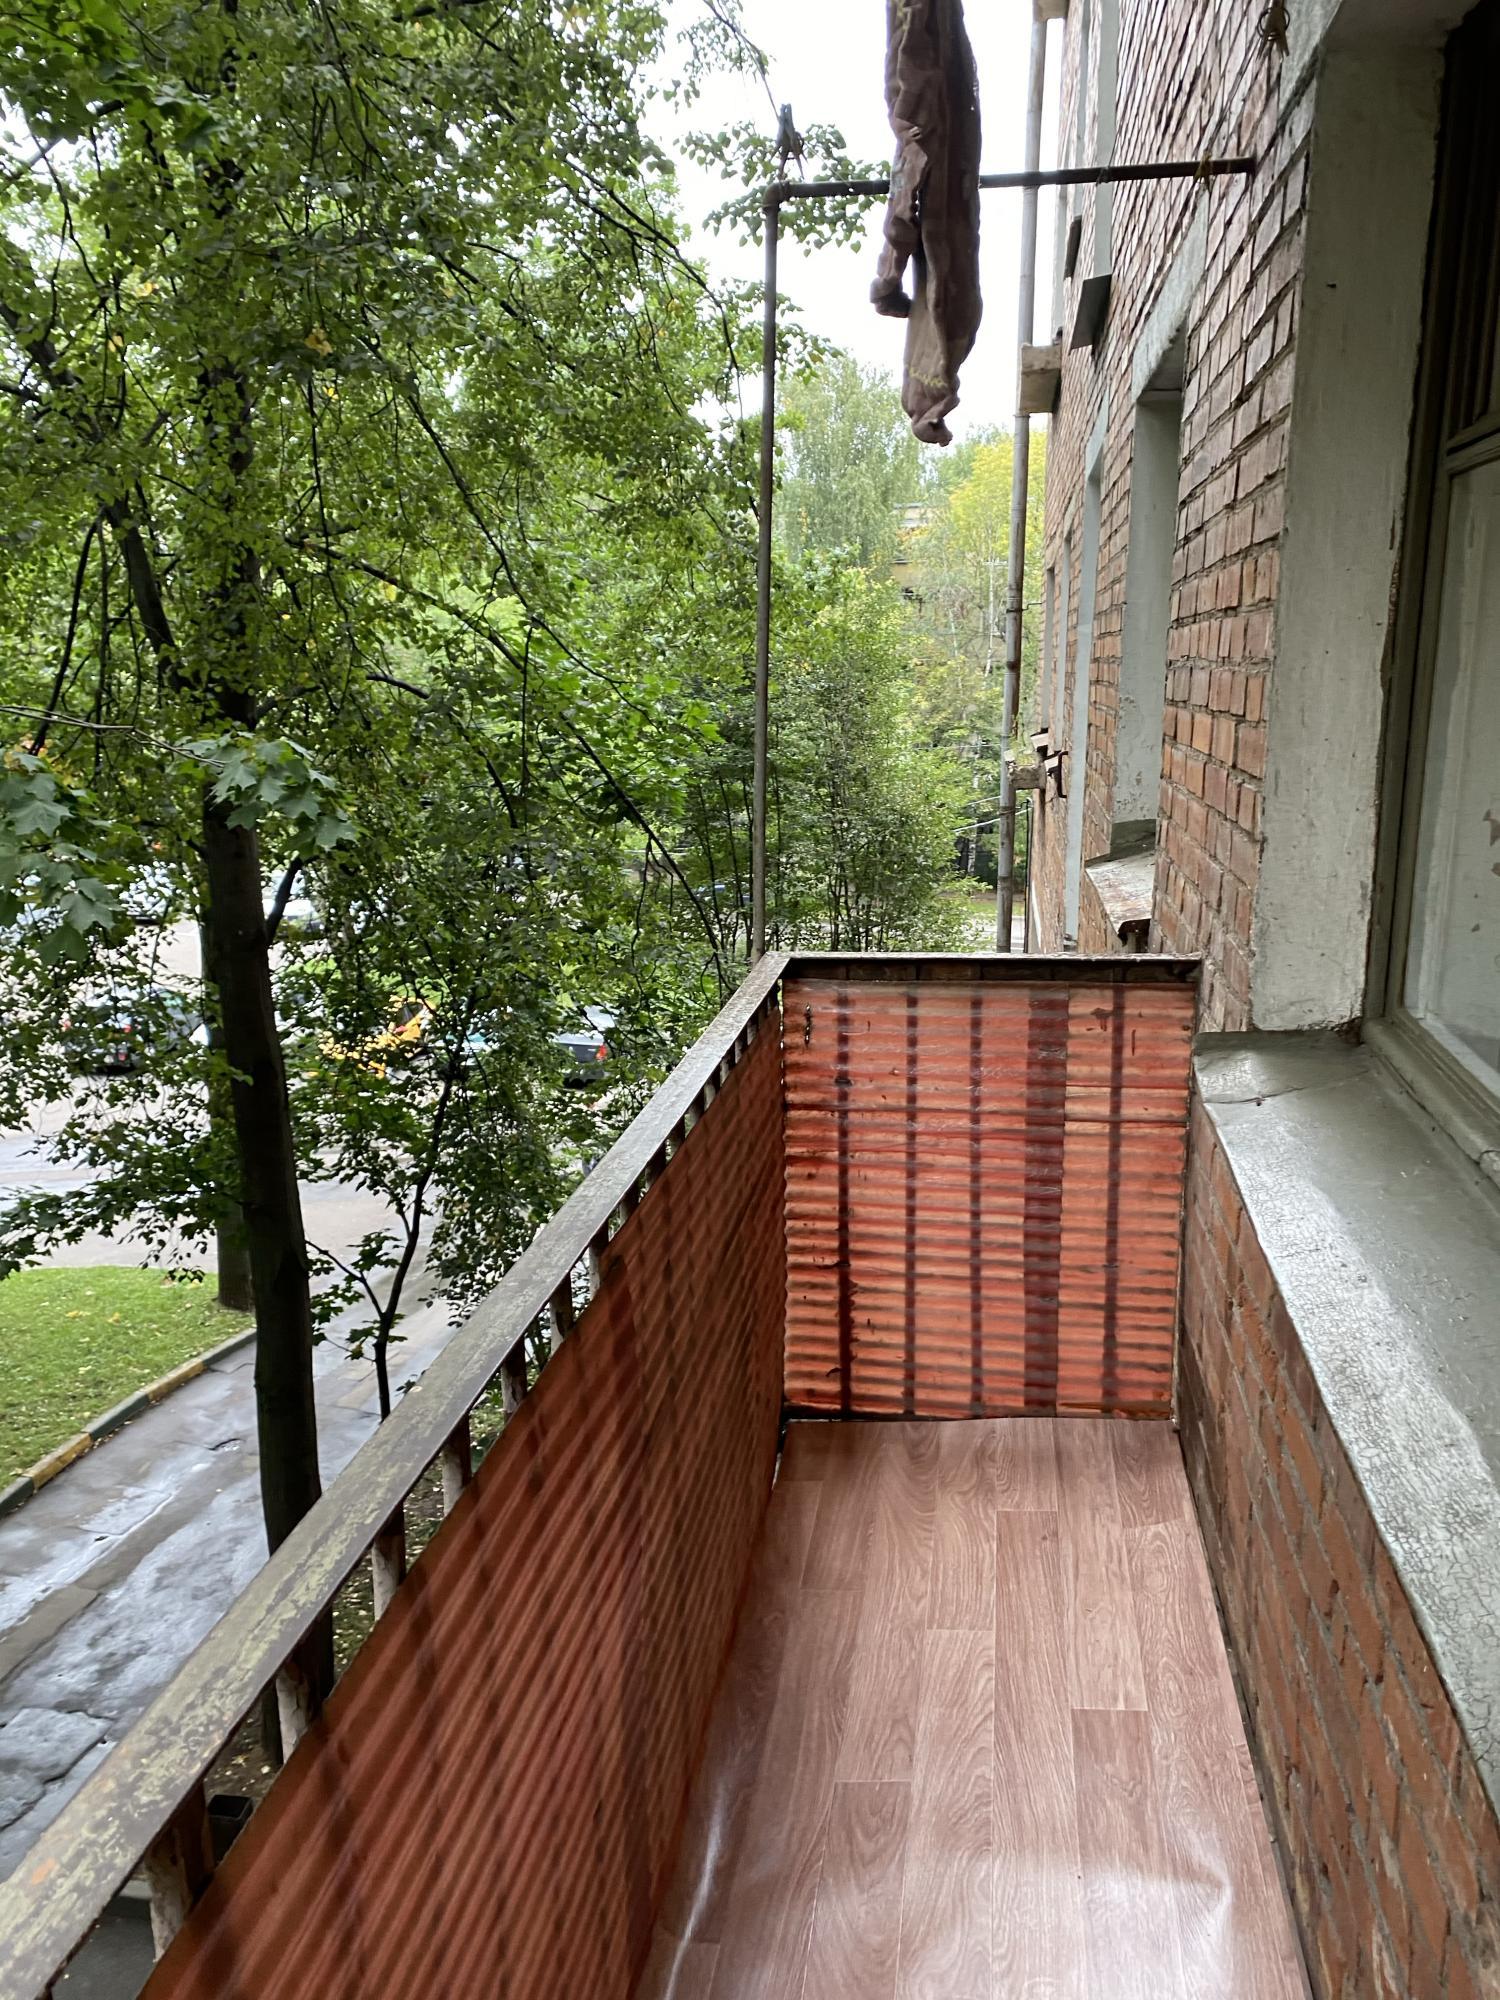 Квартира, 2 комнаты, 45 м² в Москве 89258557885 купить 7